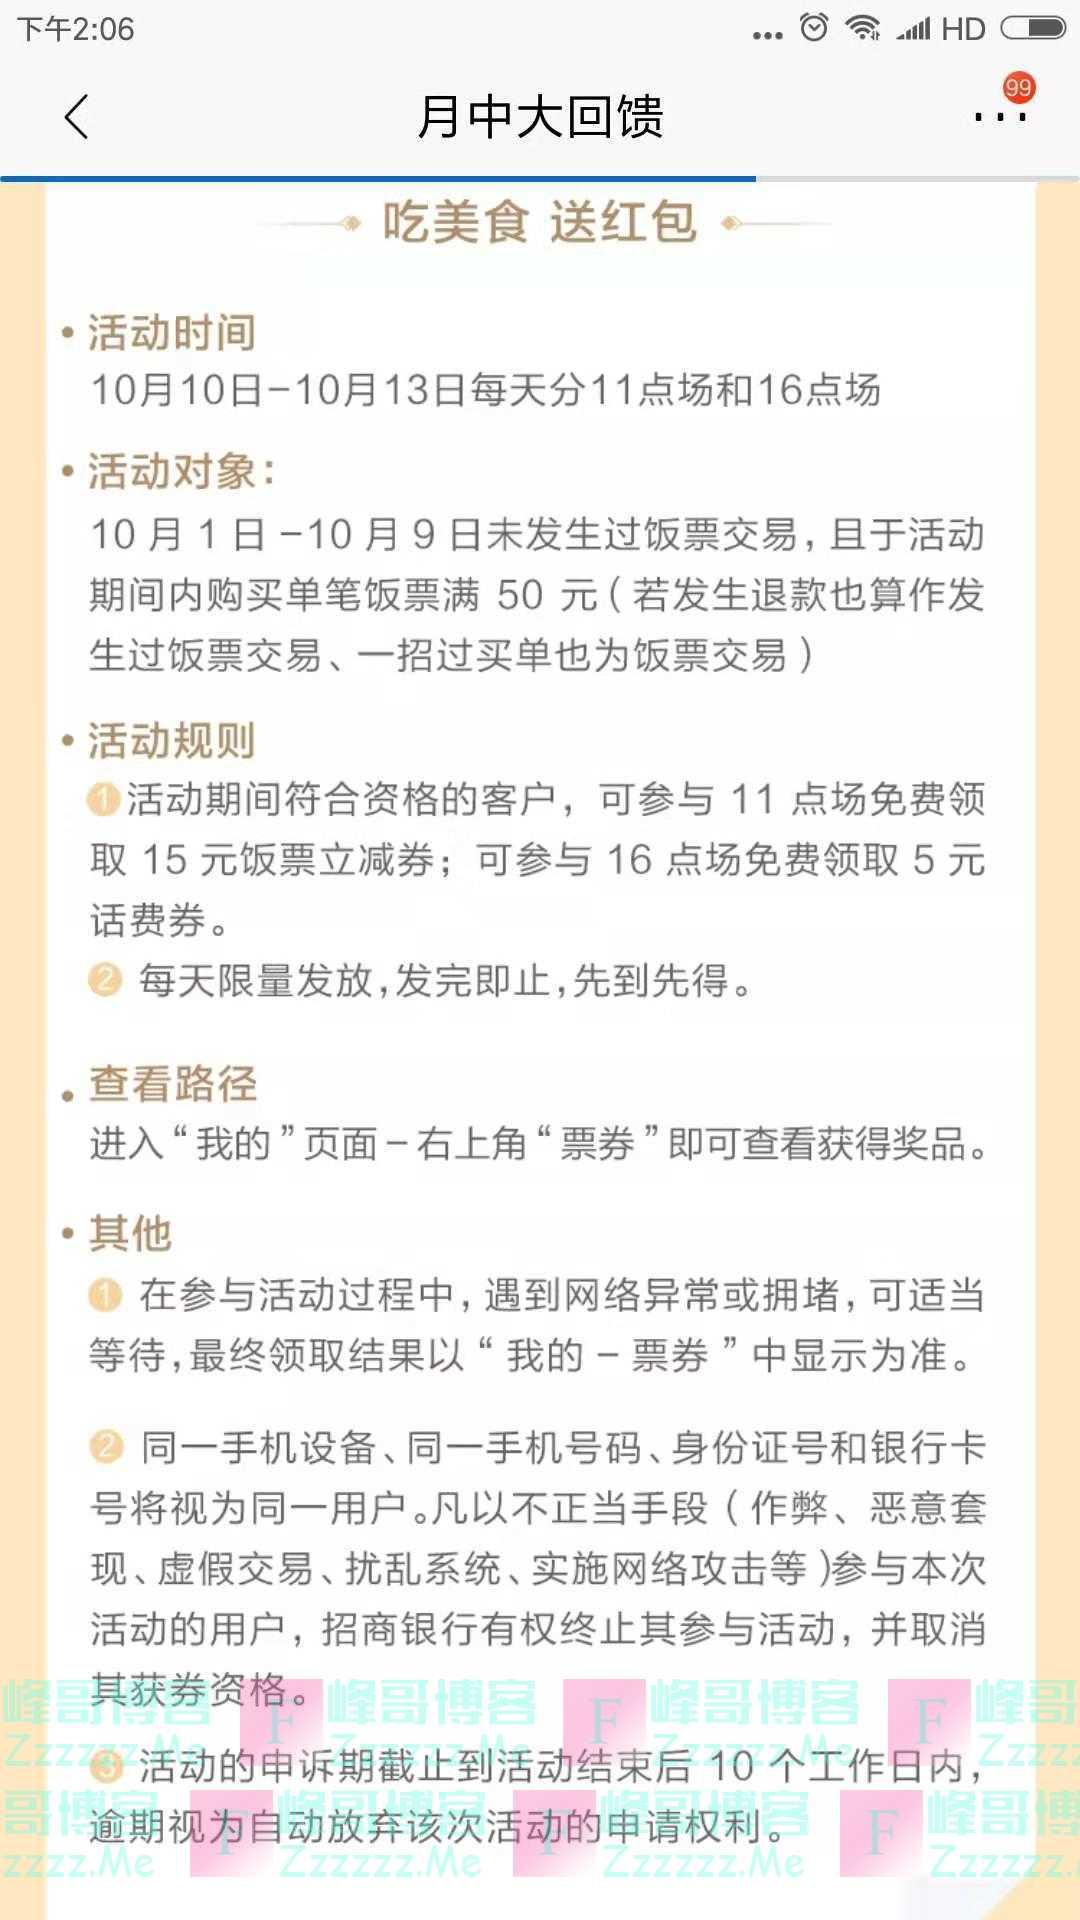 招行吃美食 送红包(截止10月13日)